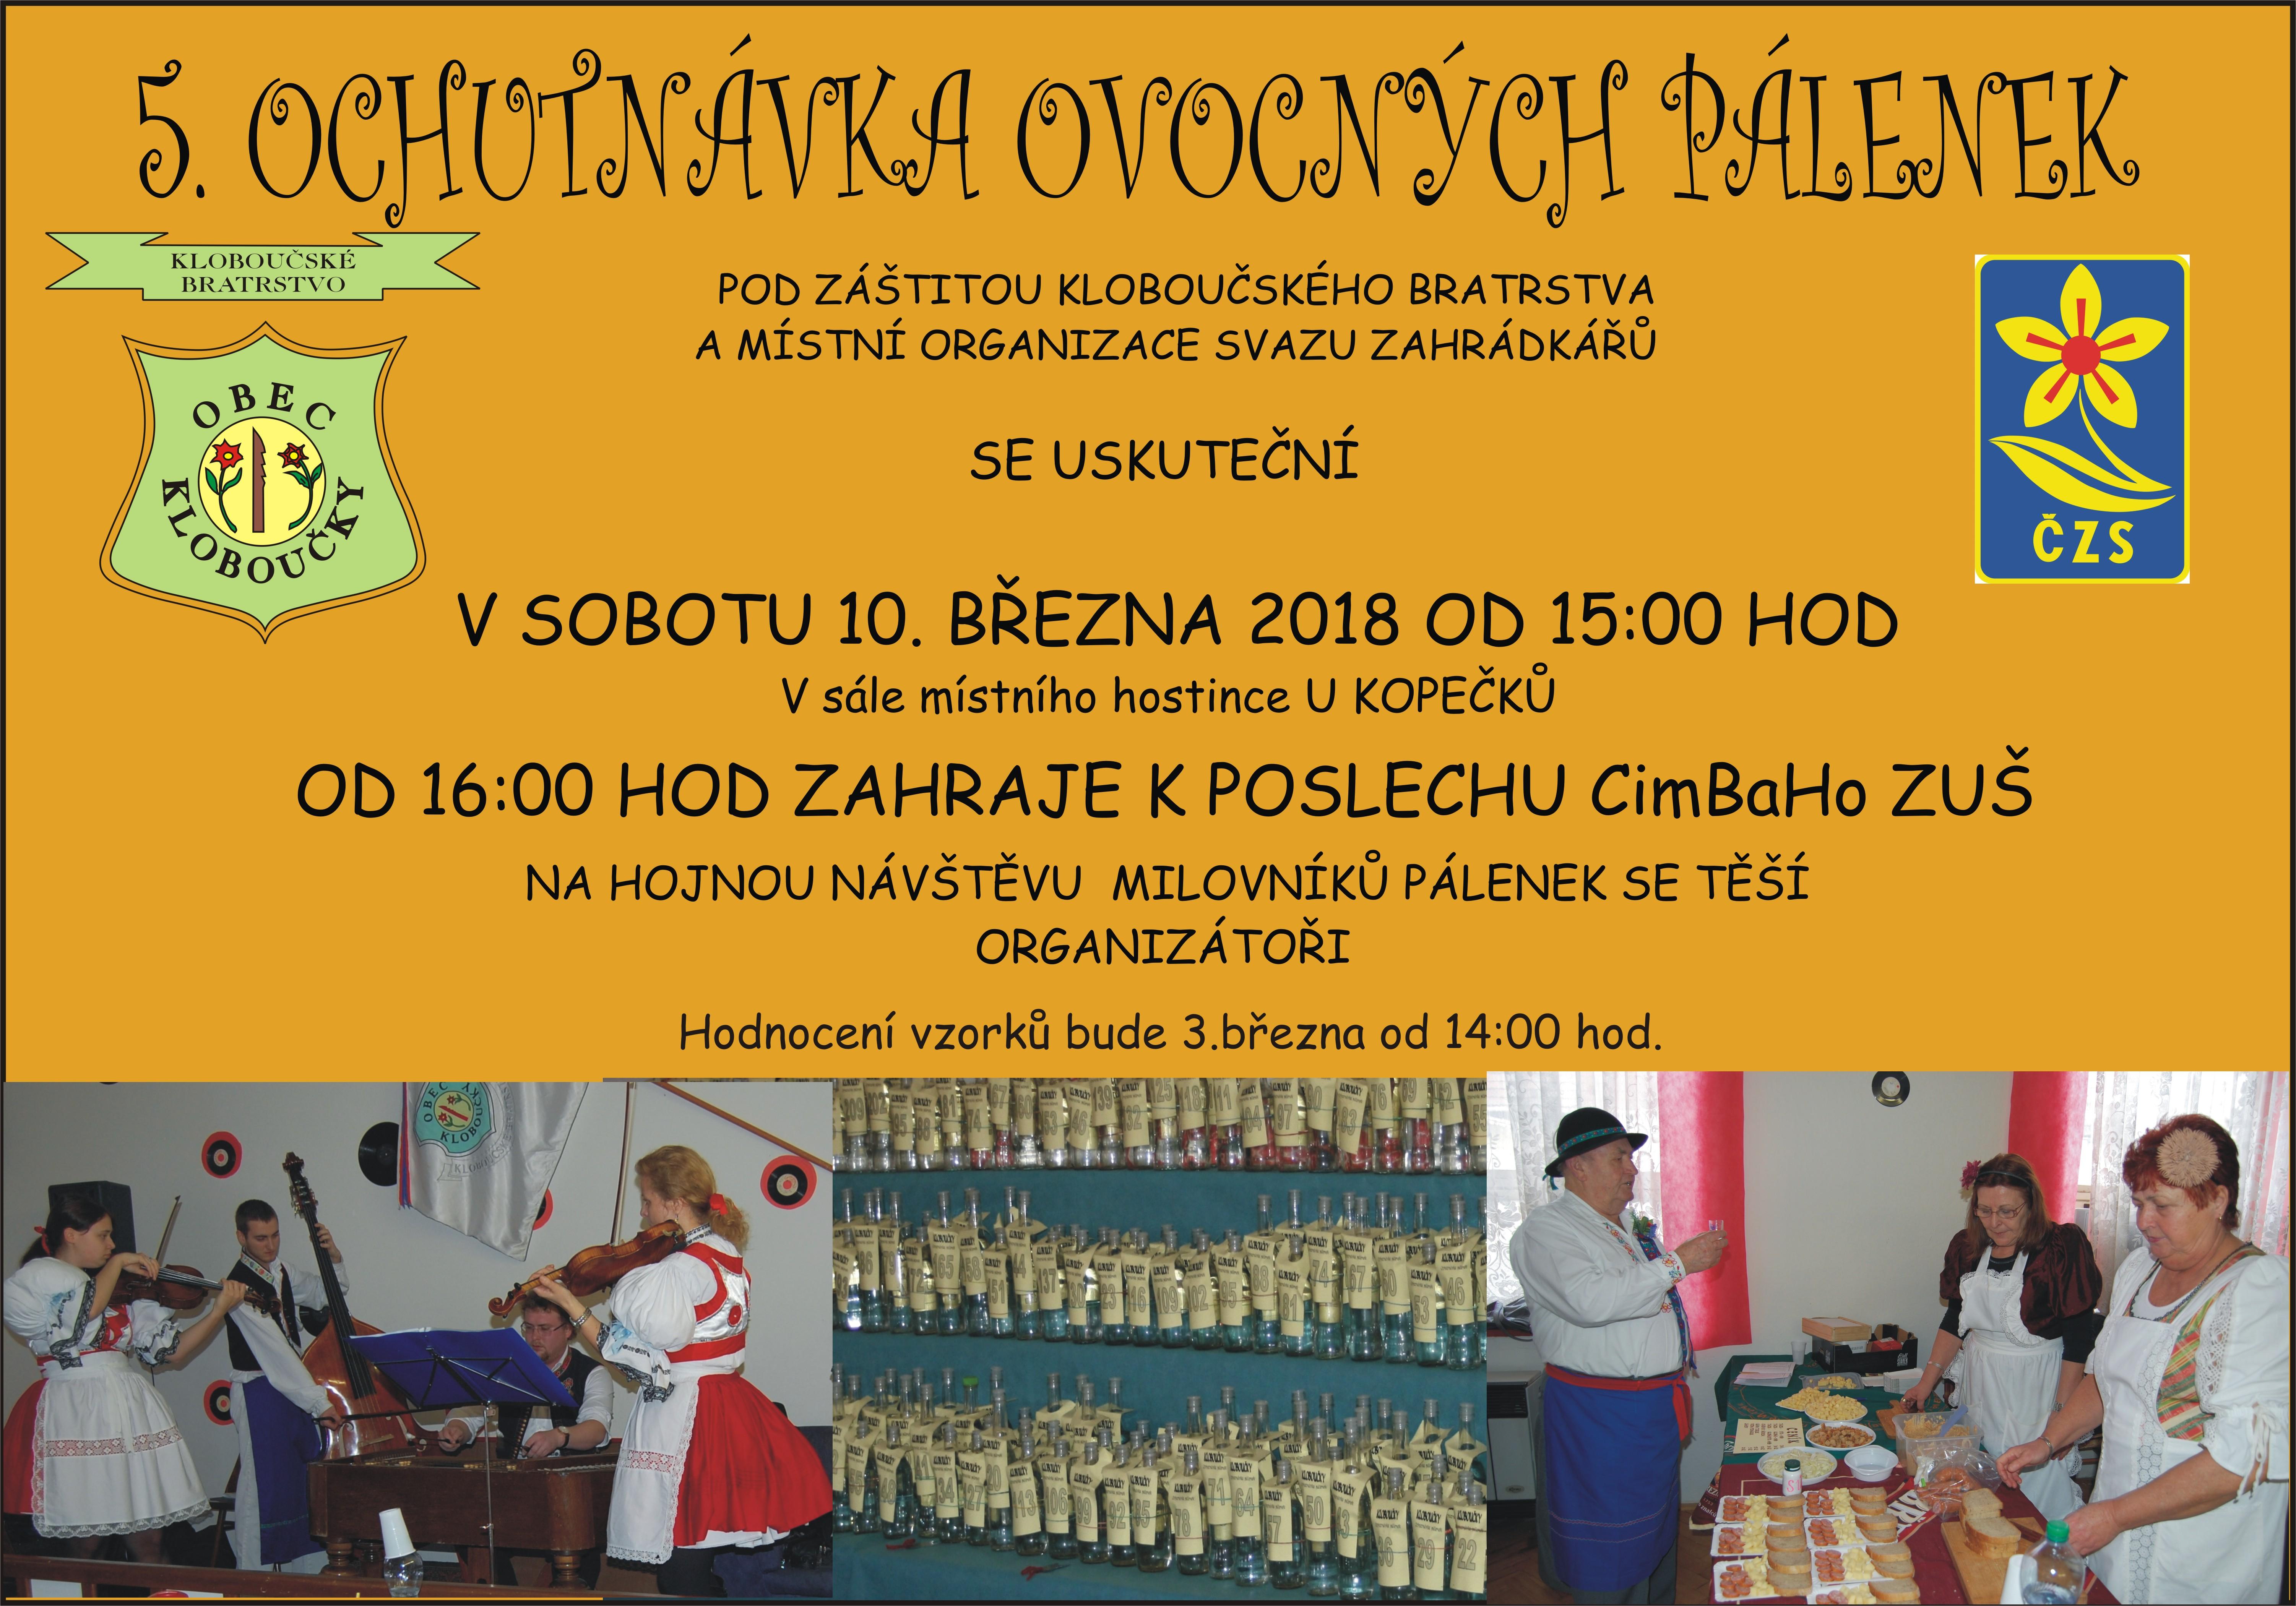 http://www.bucovice.cz/assets/File.ashx?id_org=1516&id_dokumenty=28549